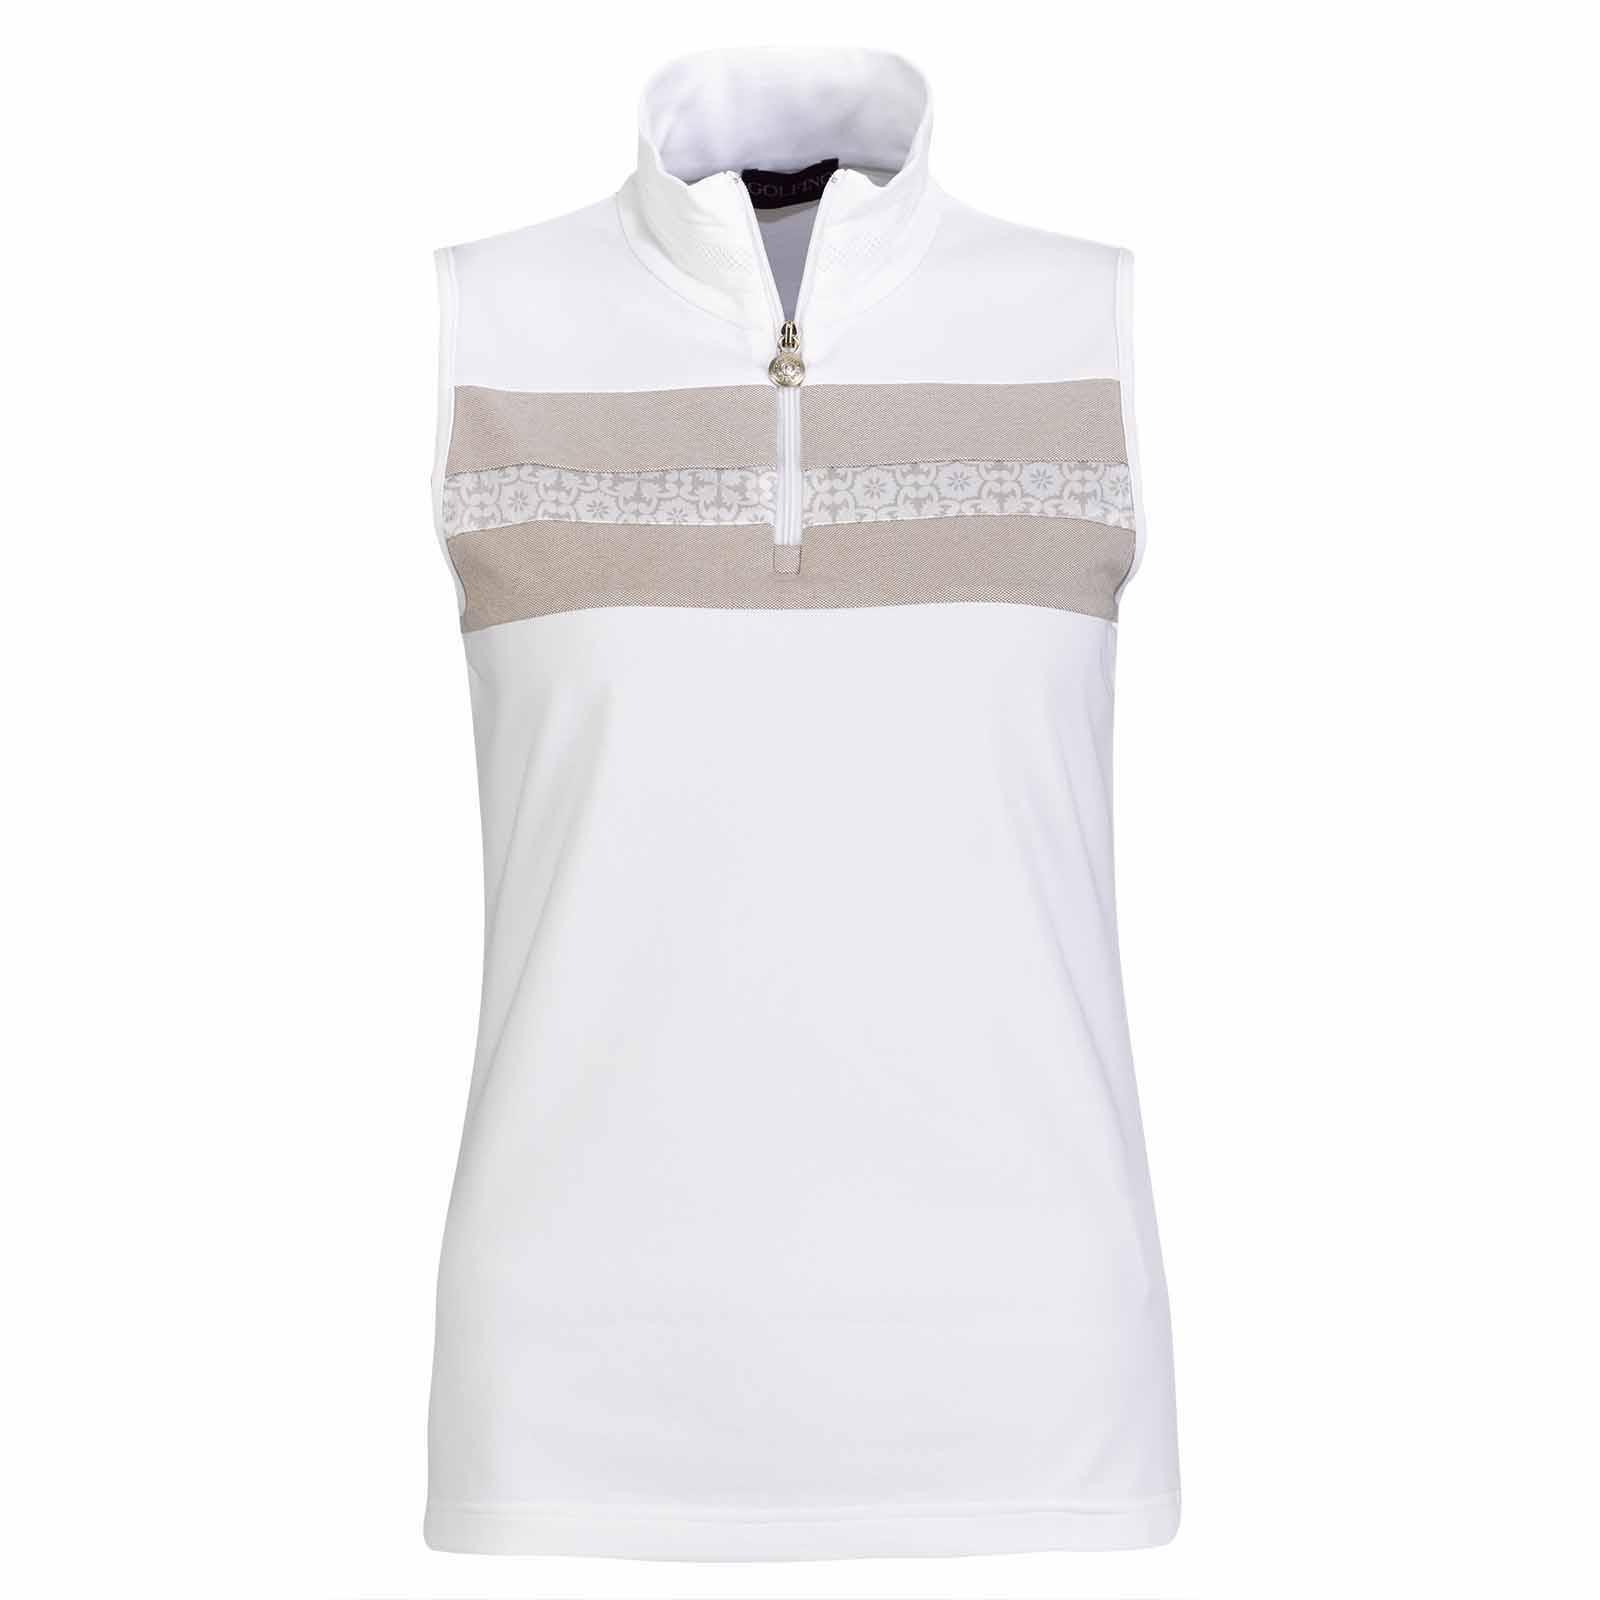 Ärmelloses Damen Funktions-Golfpolo mit Sonnenschutz und modischem Muster